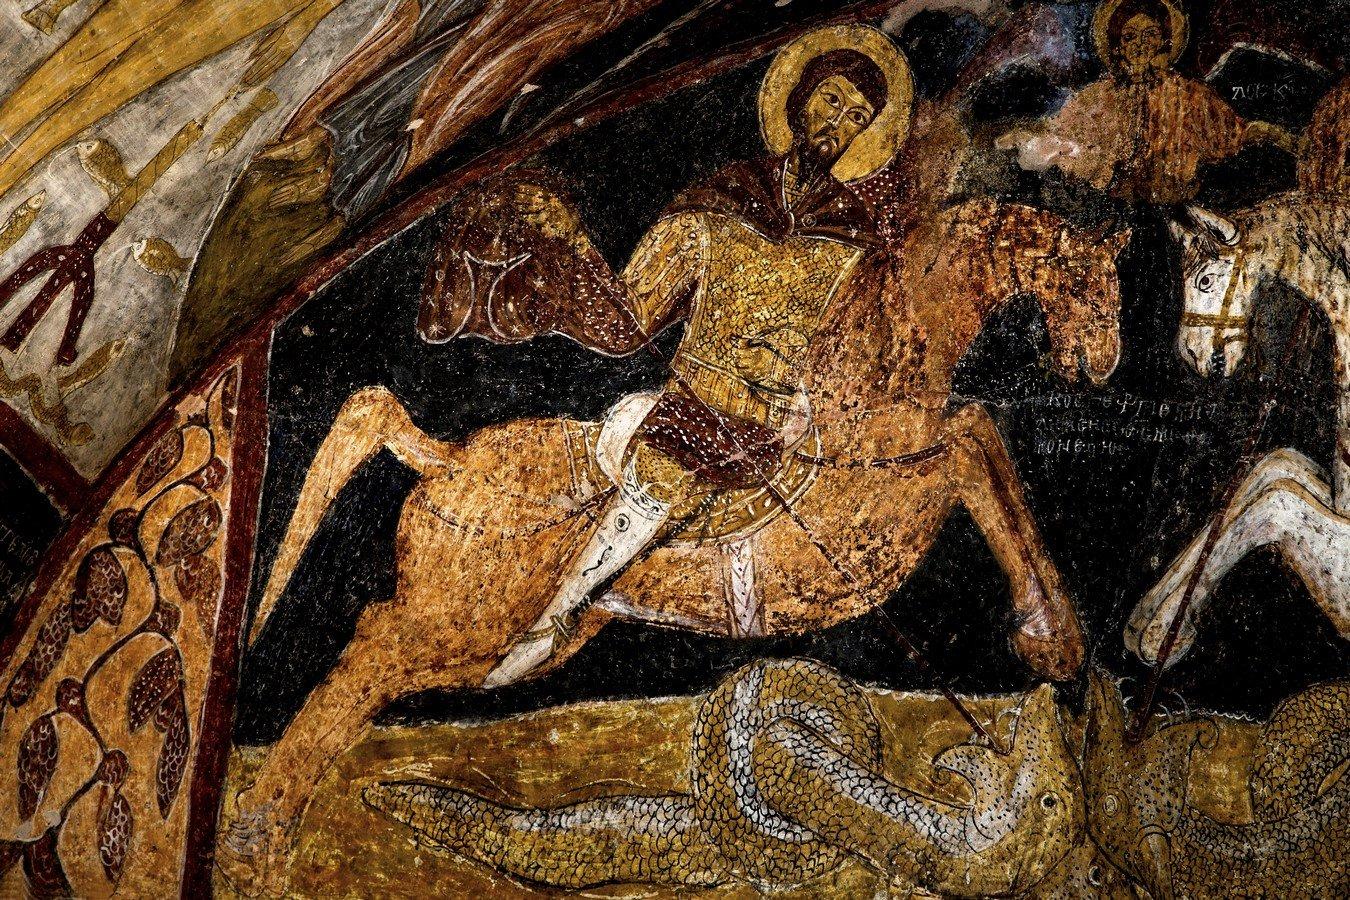 Святой Великомученик Феодор Стратилат. Византийская фреска в церкви Святого Иоанна Предтечи, Каппадокия.